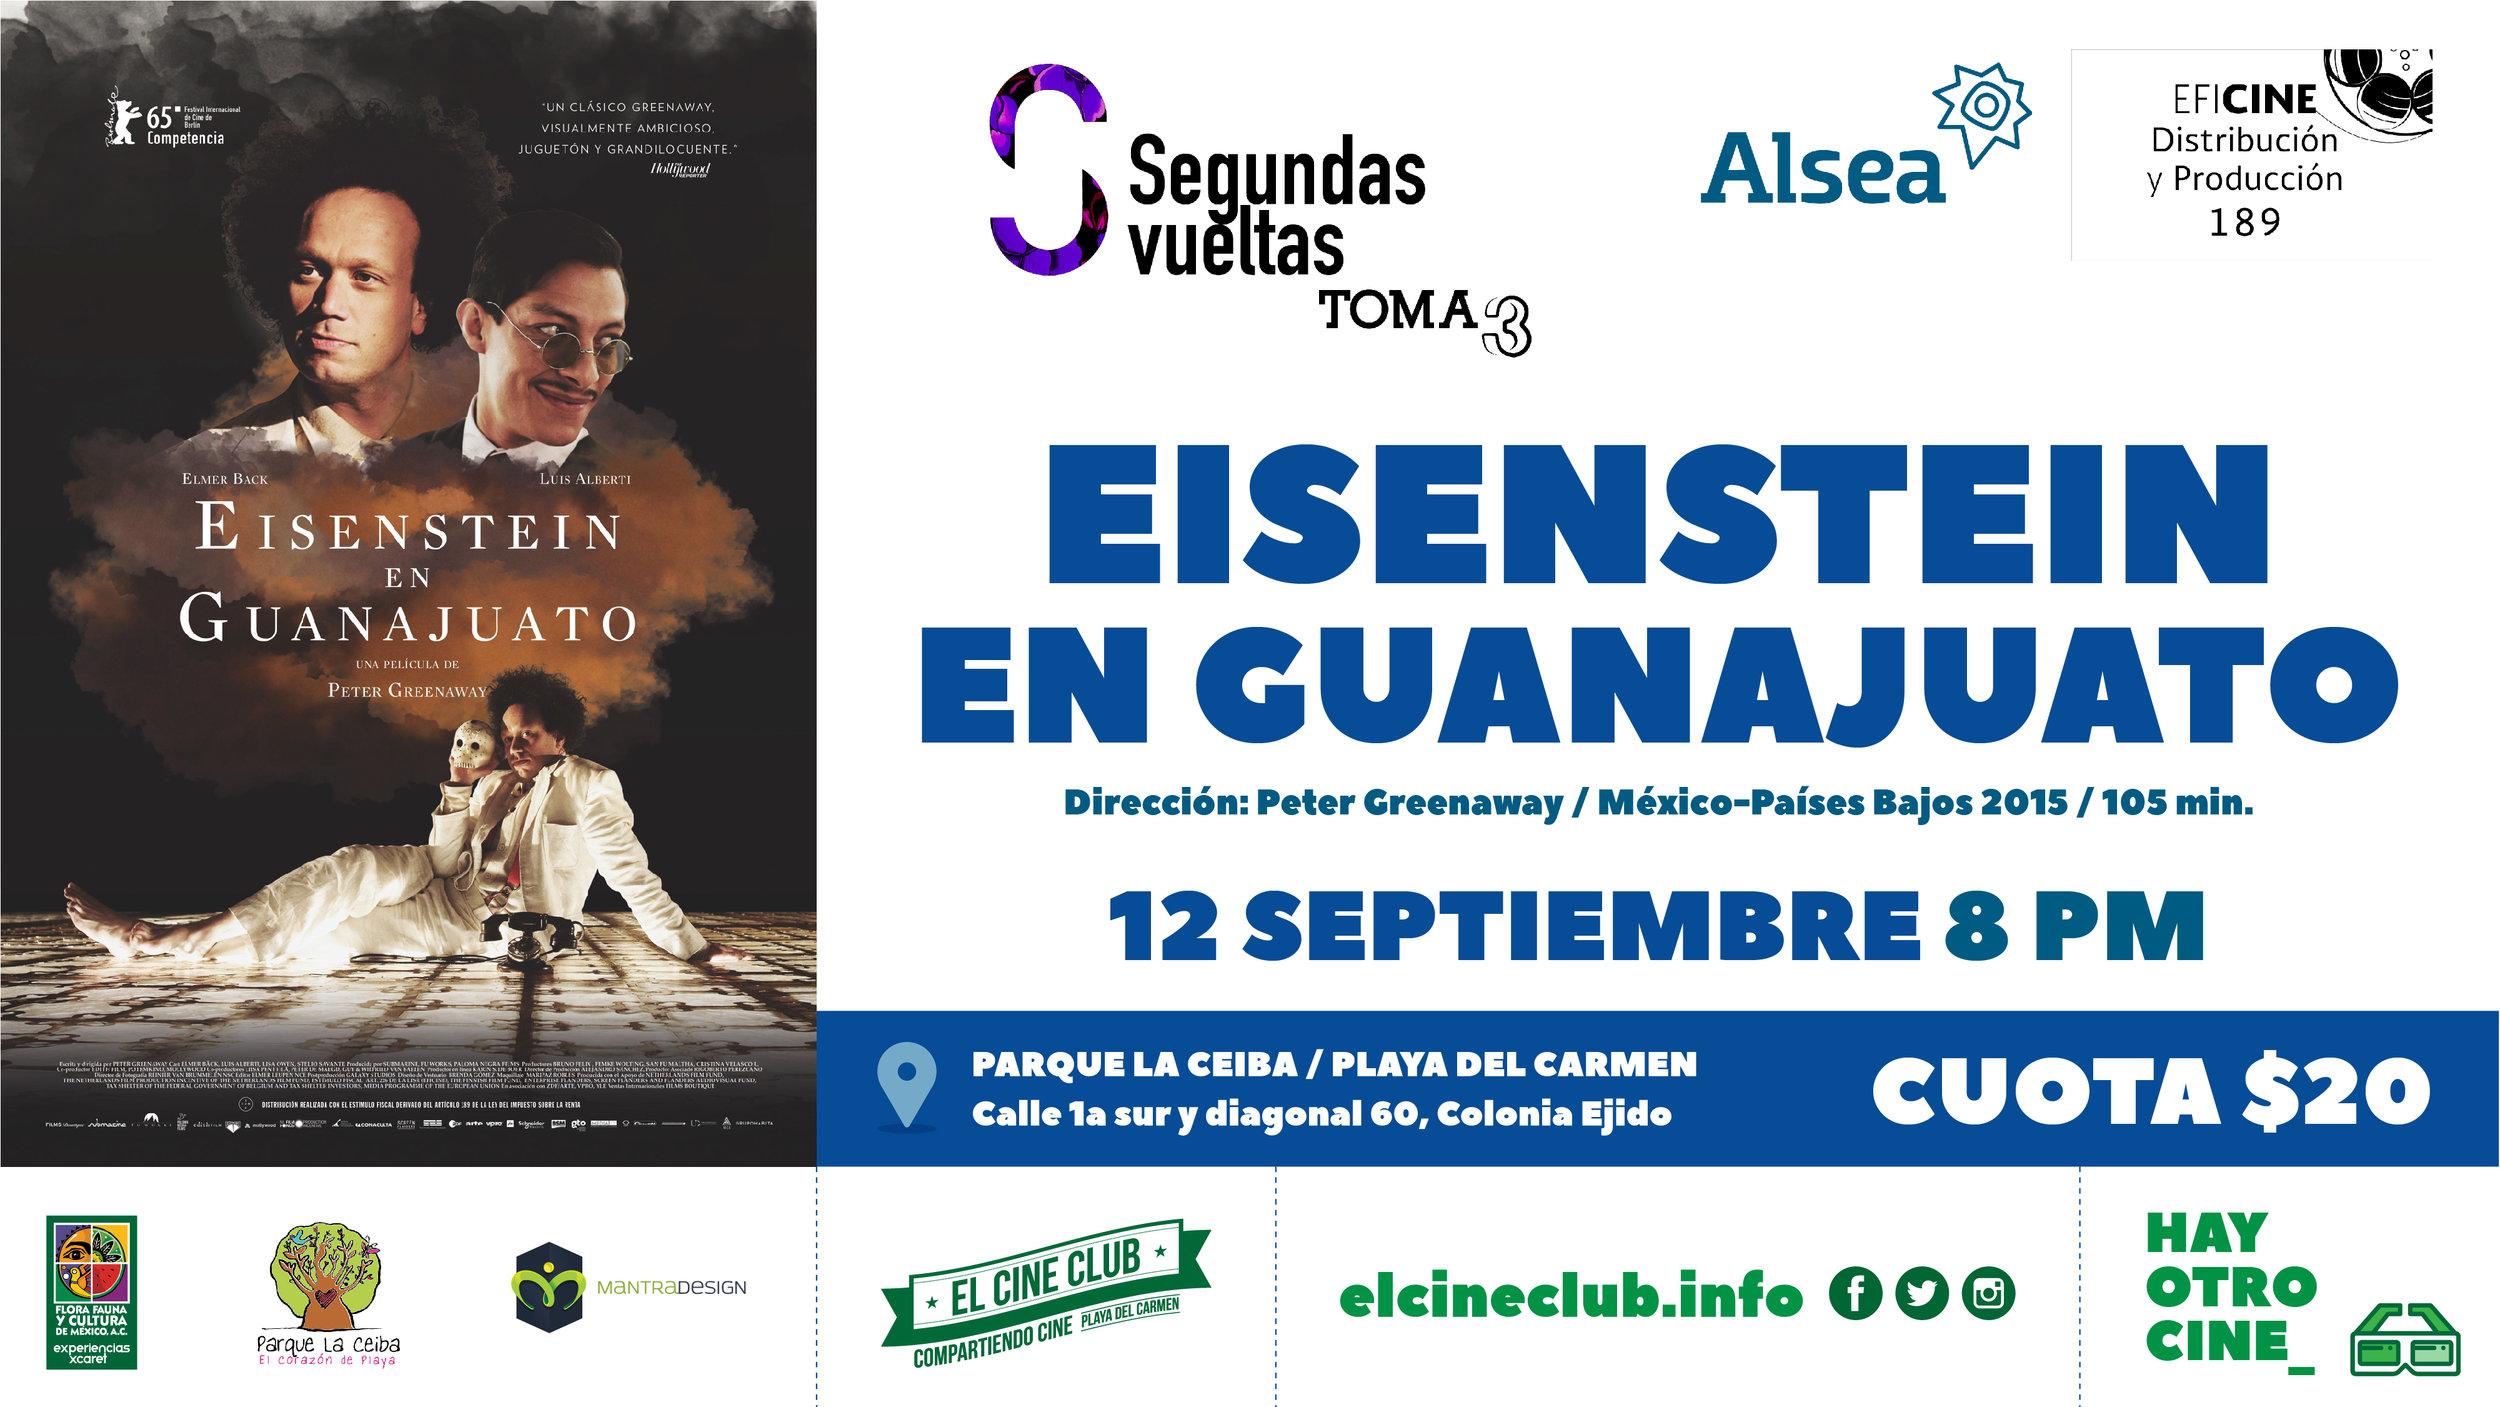 08_Eisenstein_Guanajuato-08.jpg